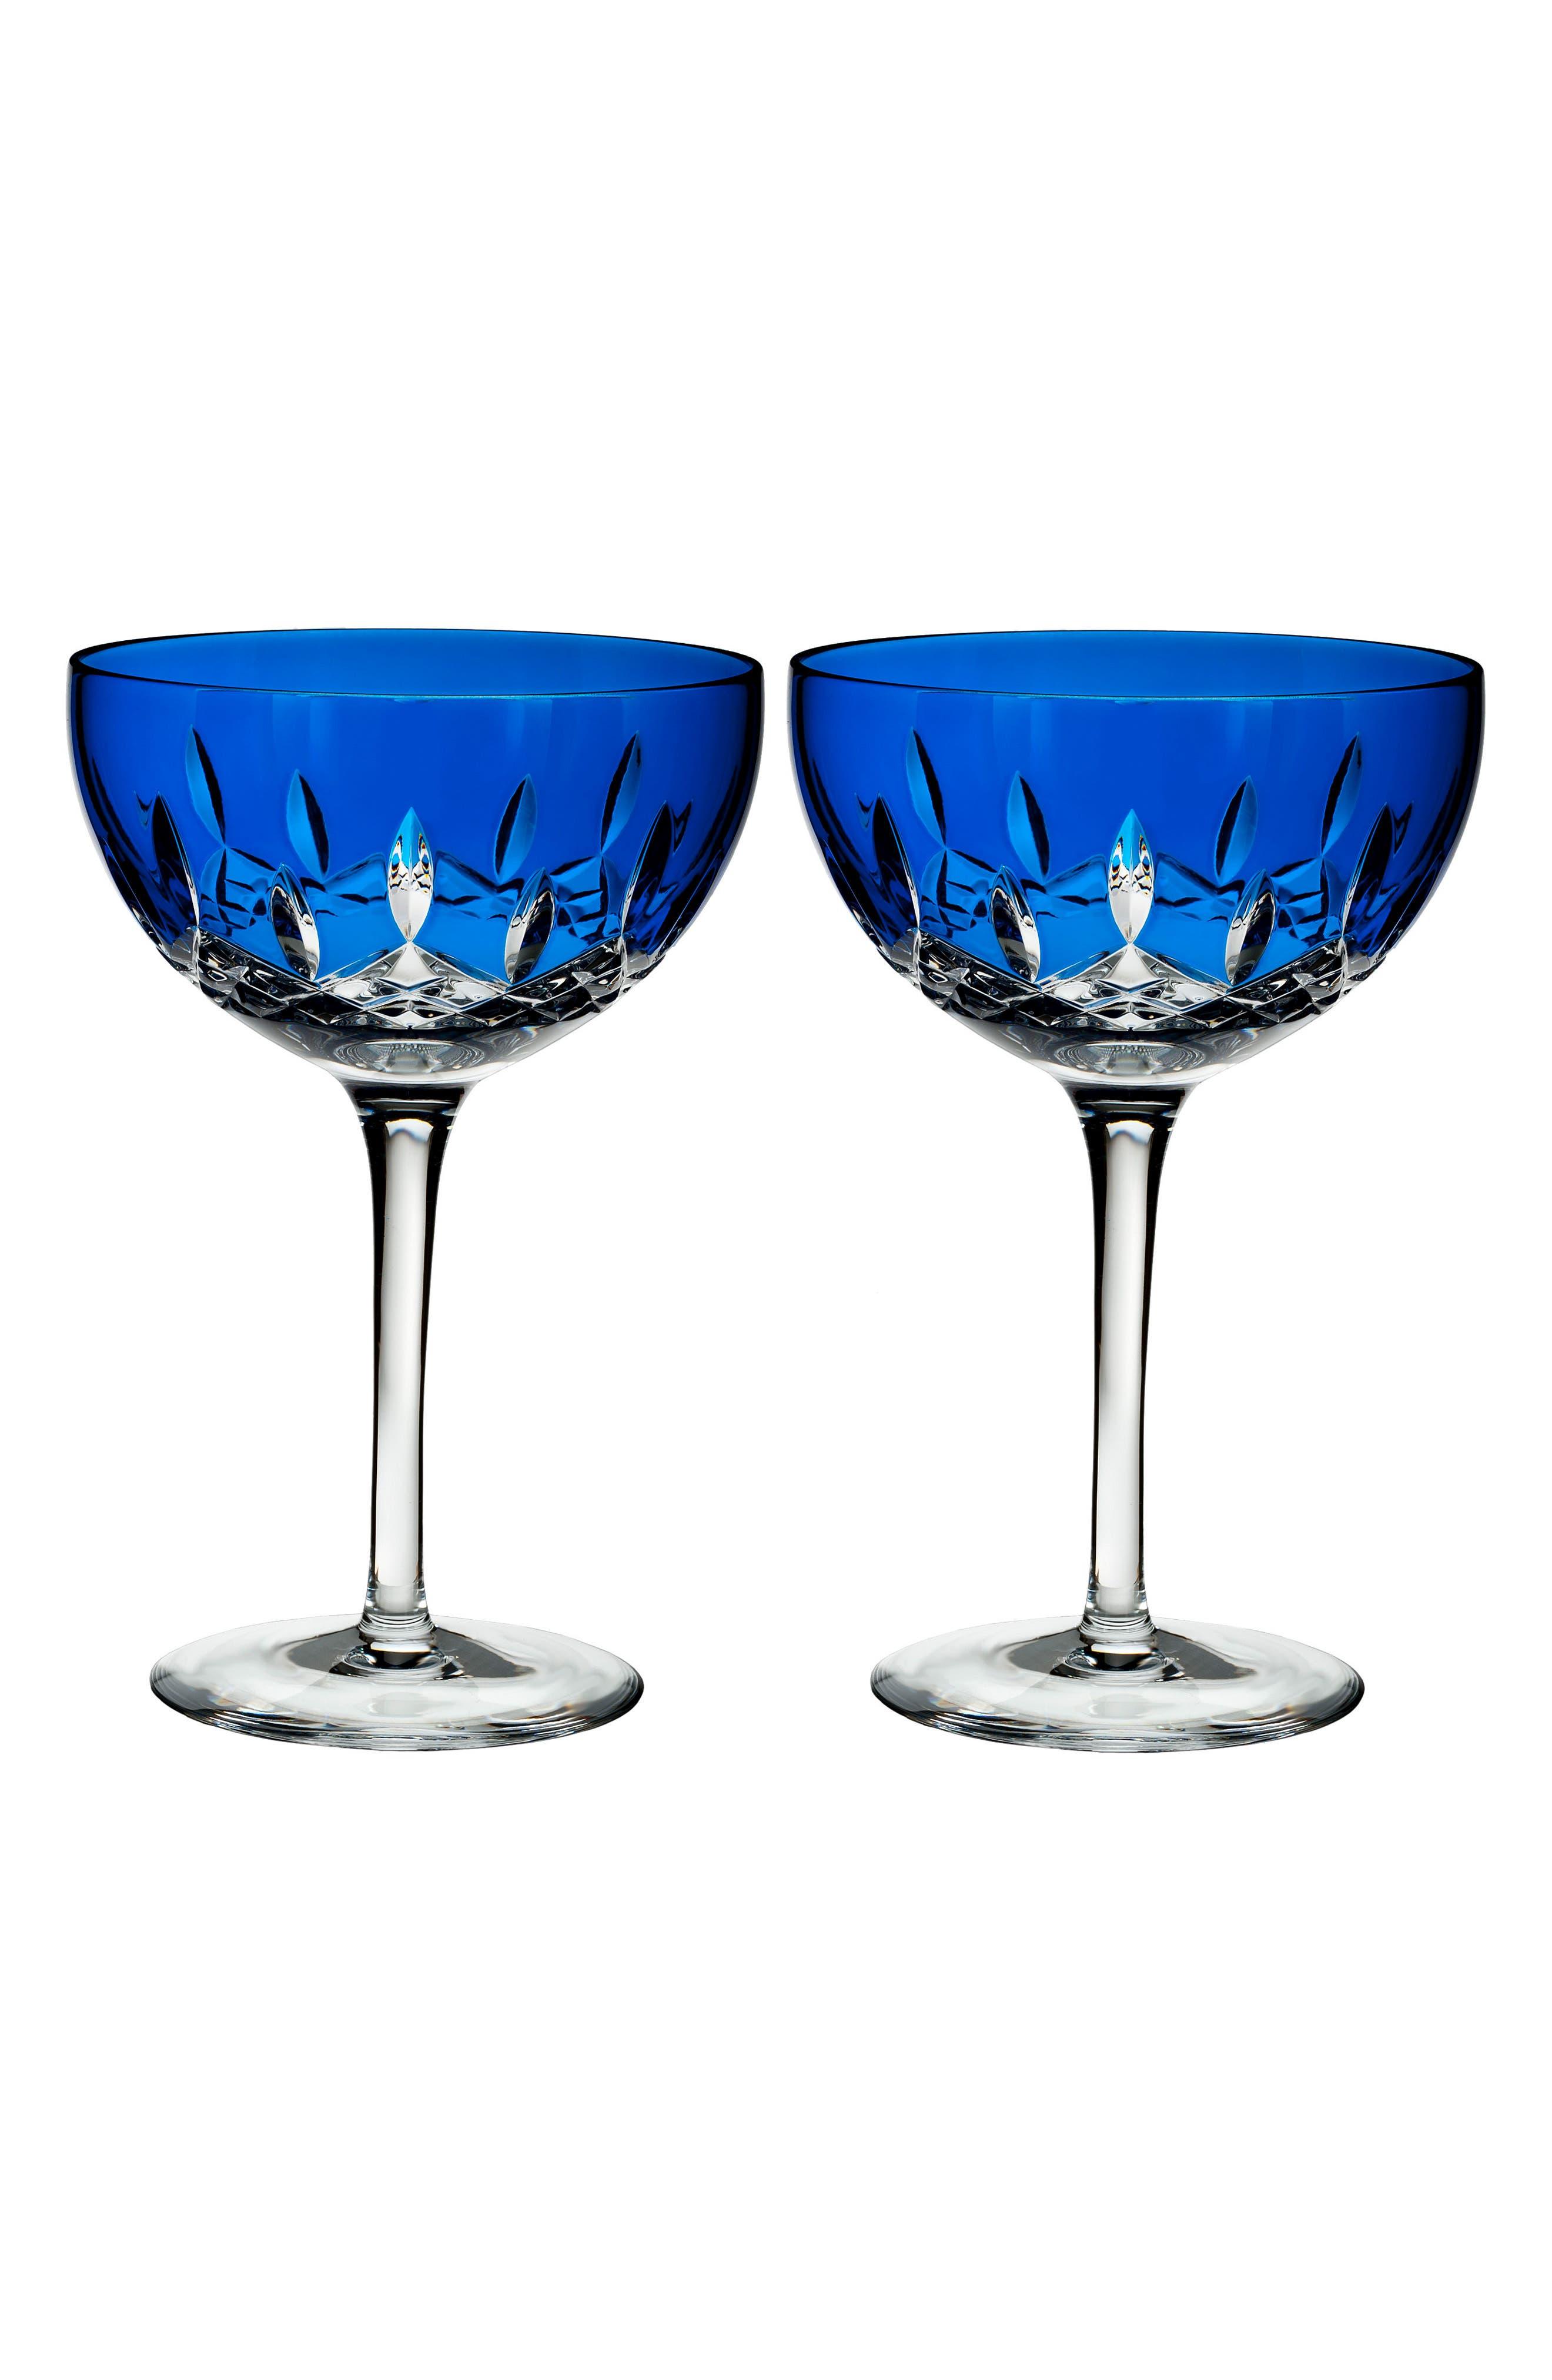 Lismore Pops Set of 2 Cobalt Lead Crystal Cocktail Glasses,                         Main,                         color, Crystal